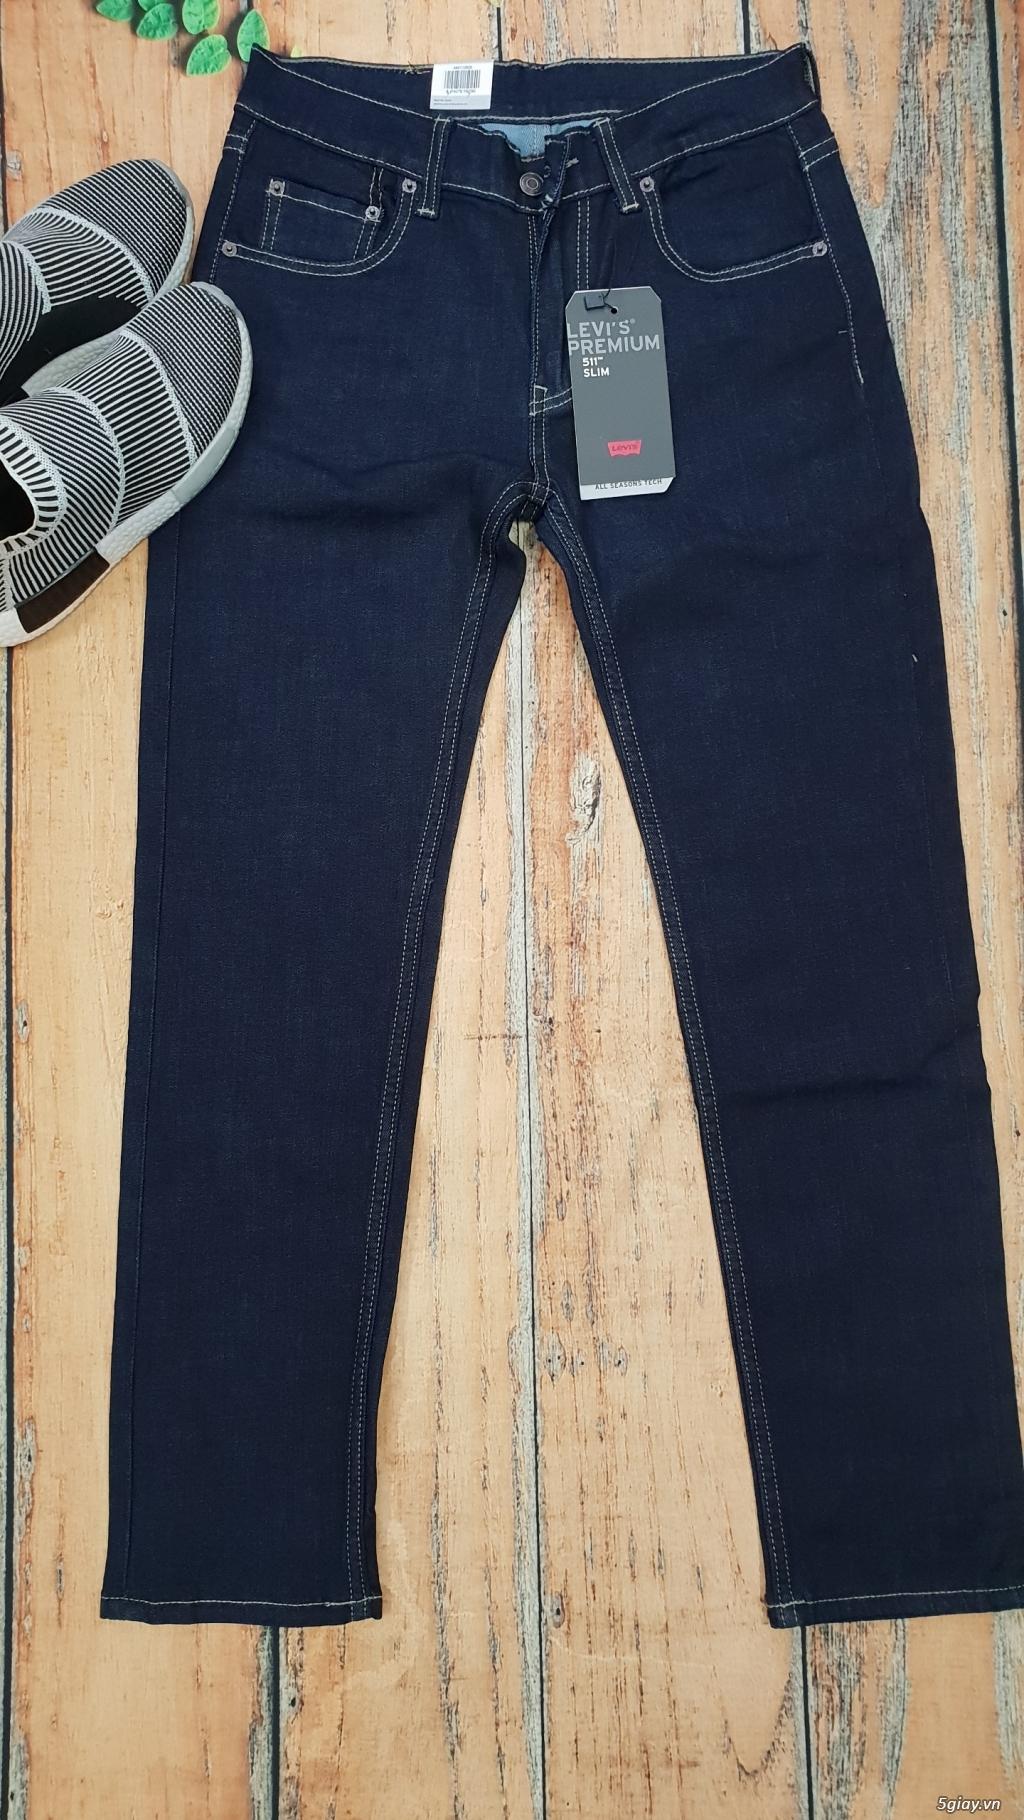 Chuyên bán quần jeans Nam Levi's 511 dáng xuông đủ màu đủ size - 1